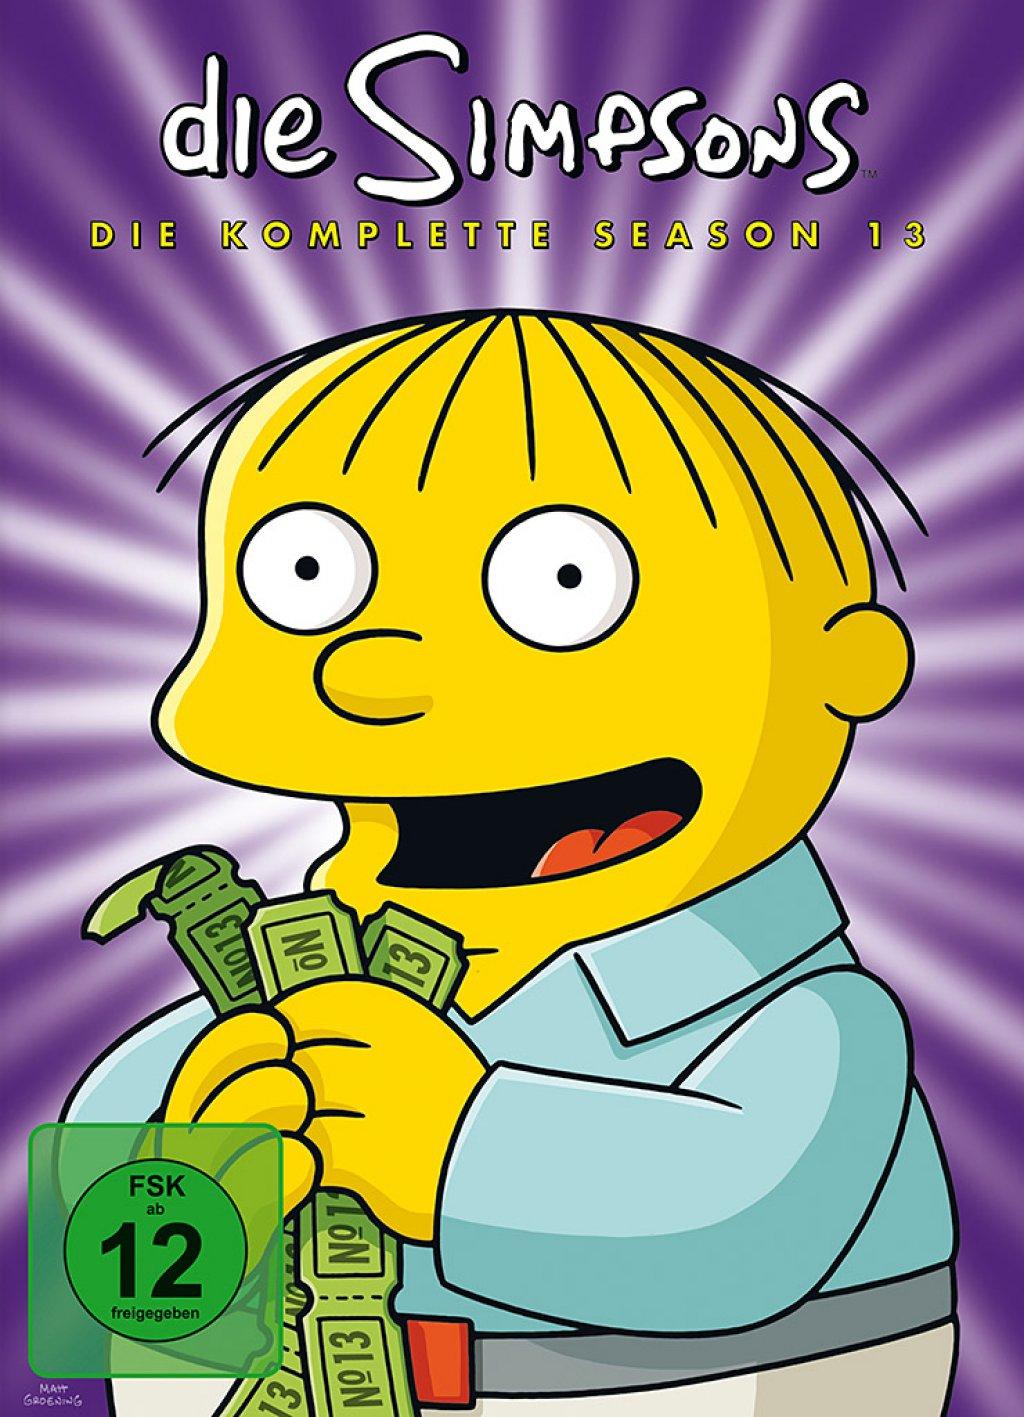 Die Simpsons - Season 13 (DVD)